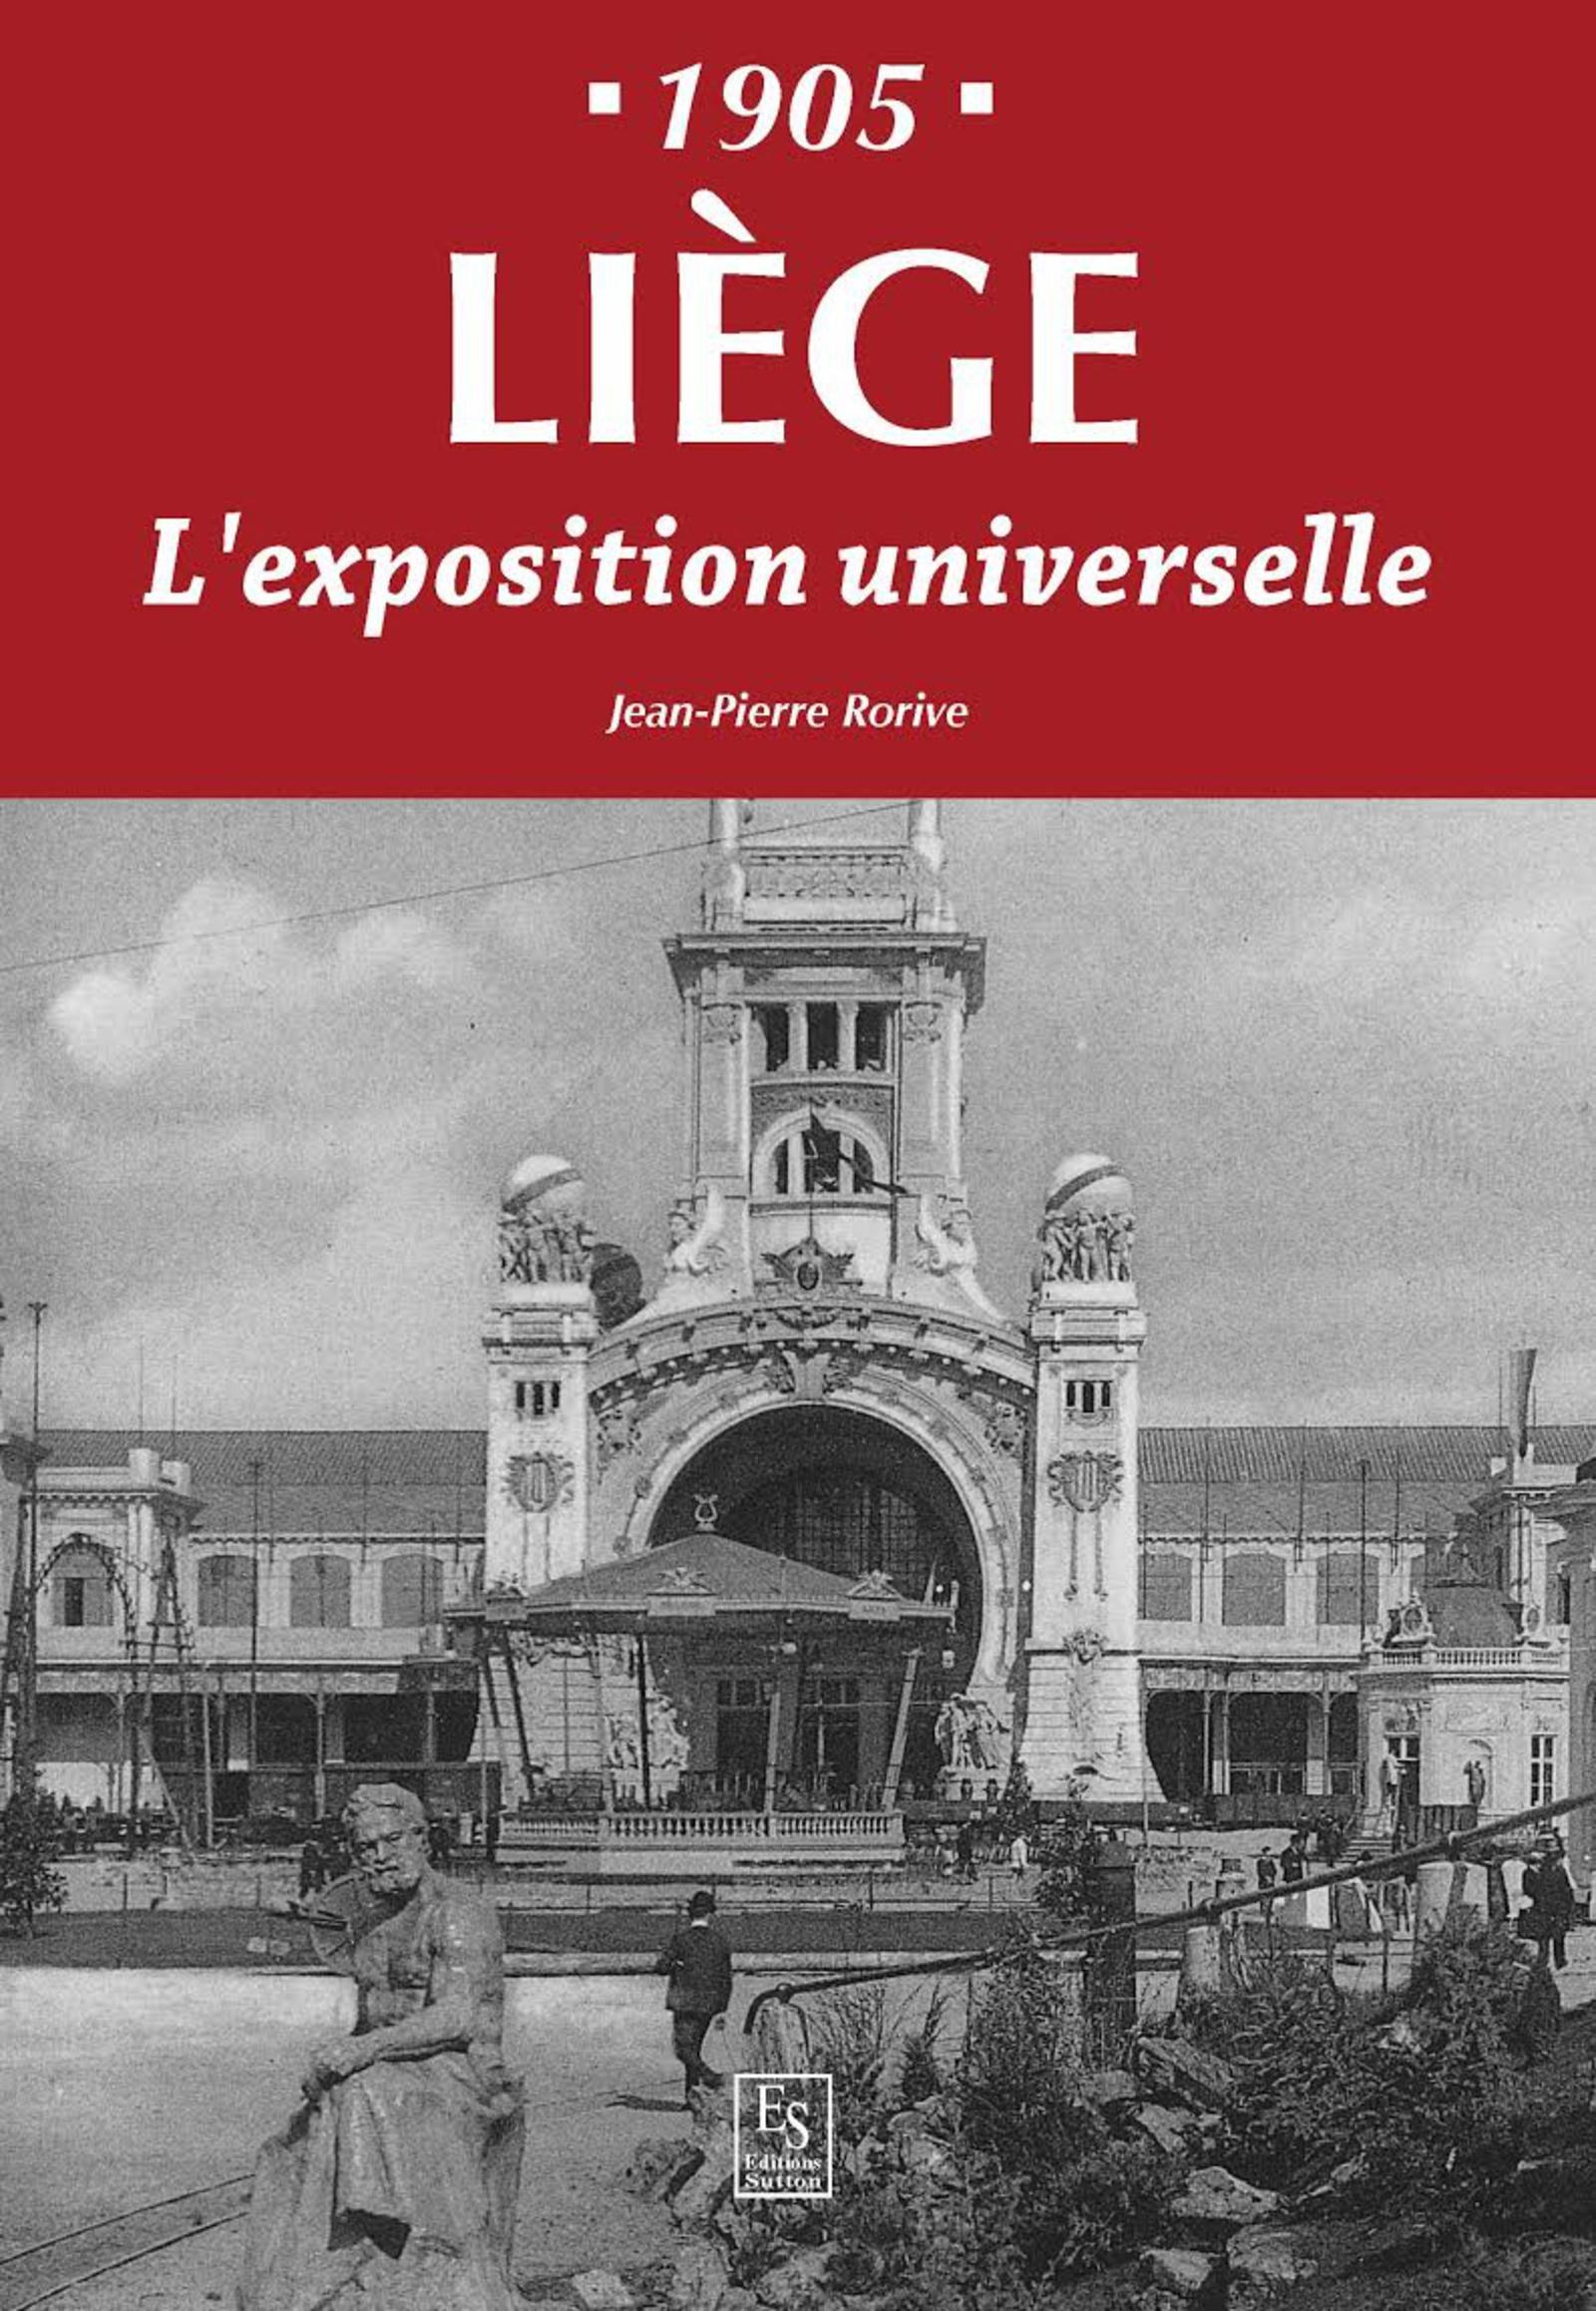 LIEGE - 1905 - L'EXPOSITION UNIVERSELLE